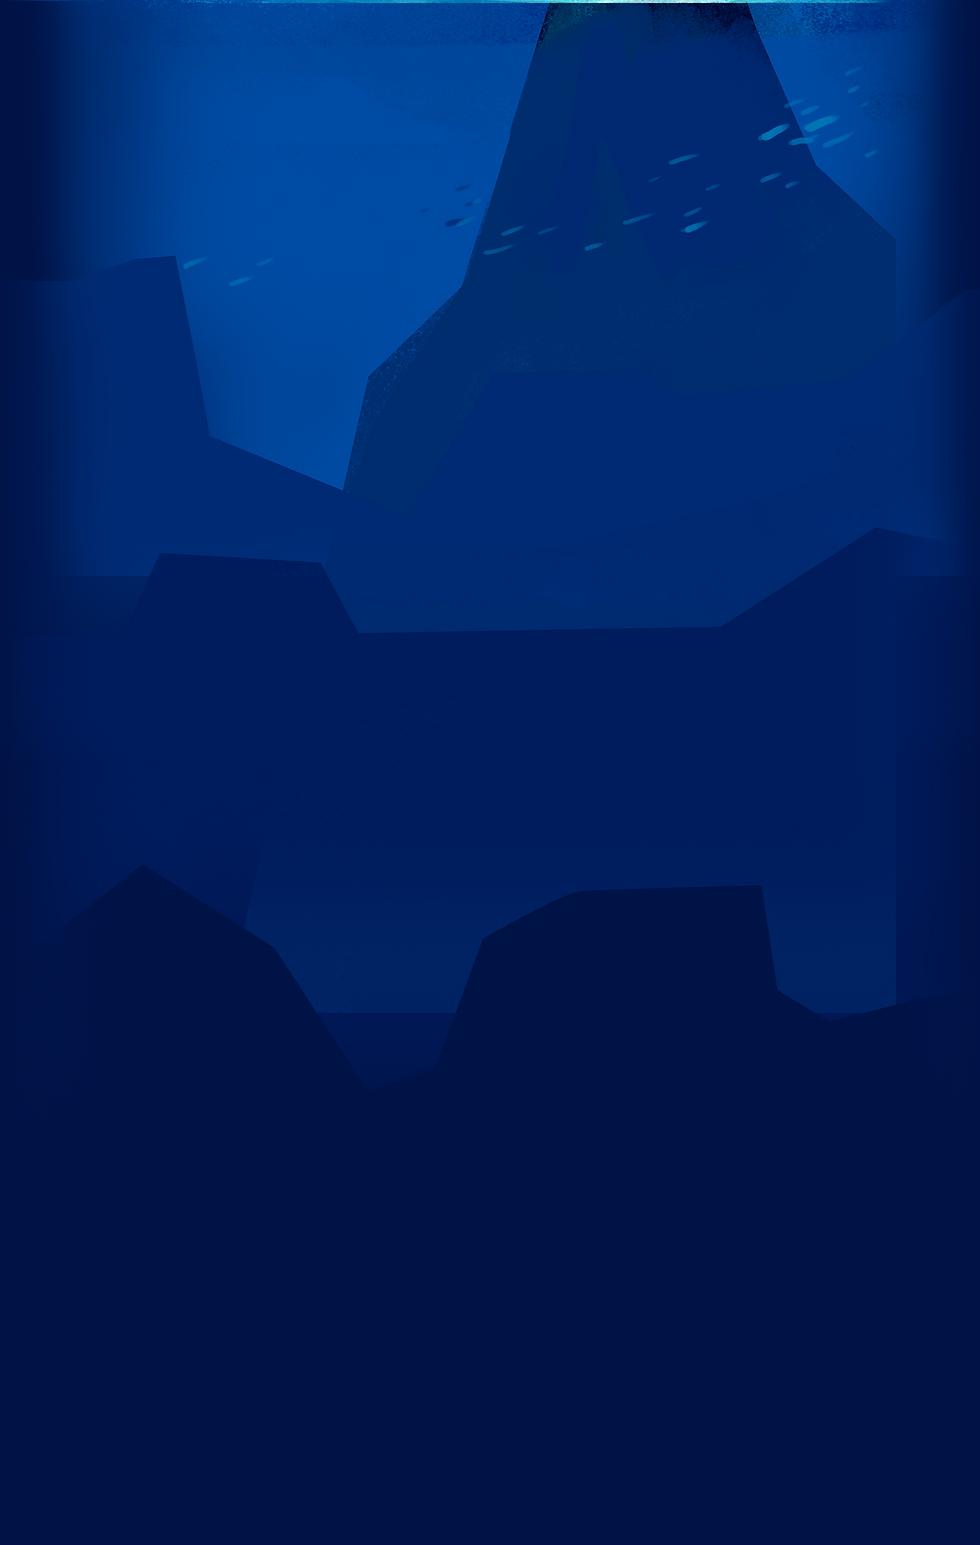 iceberg_background2_btm.png